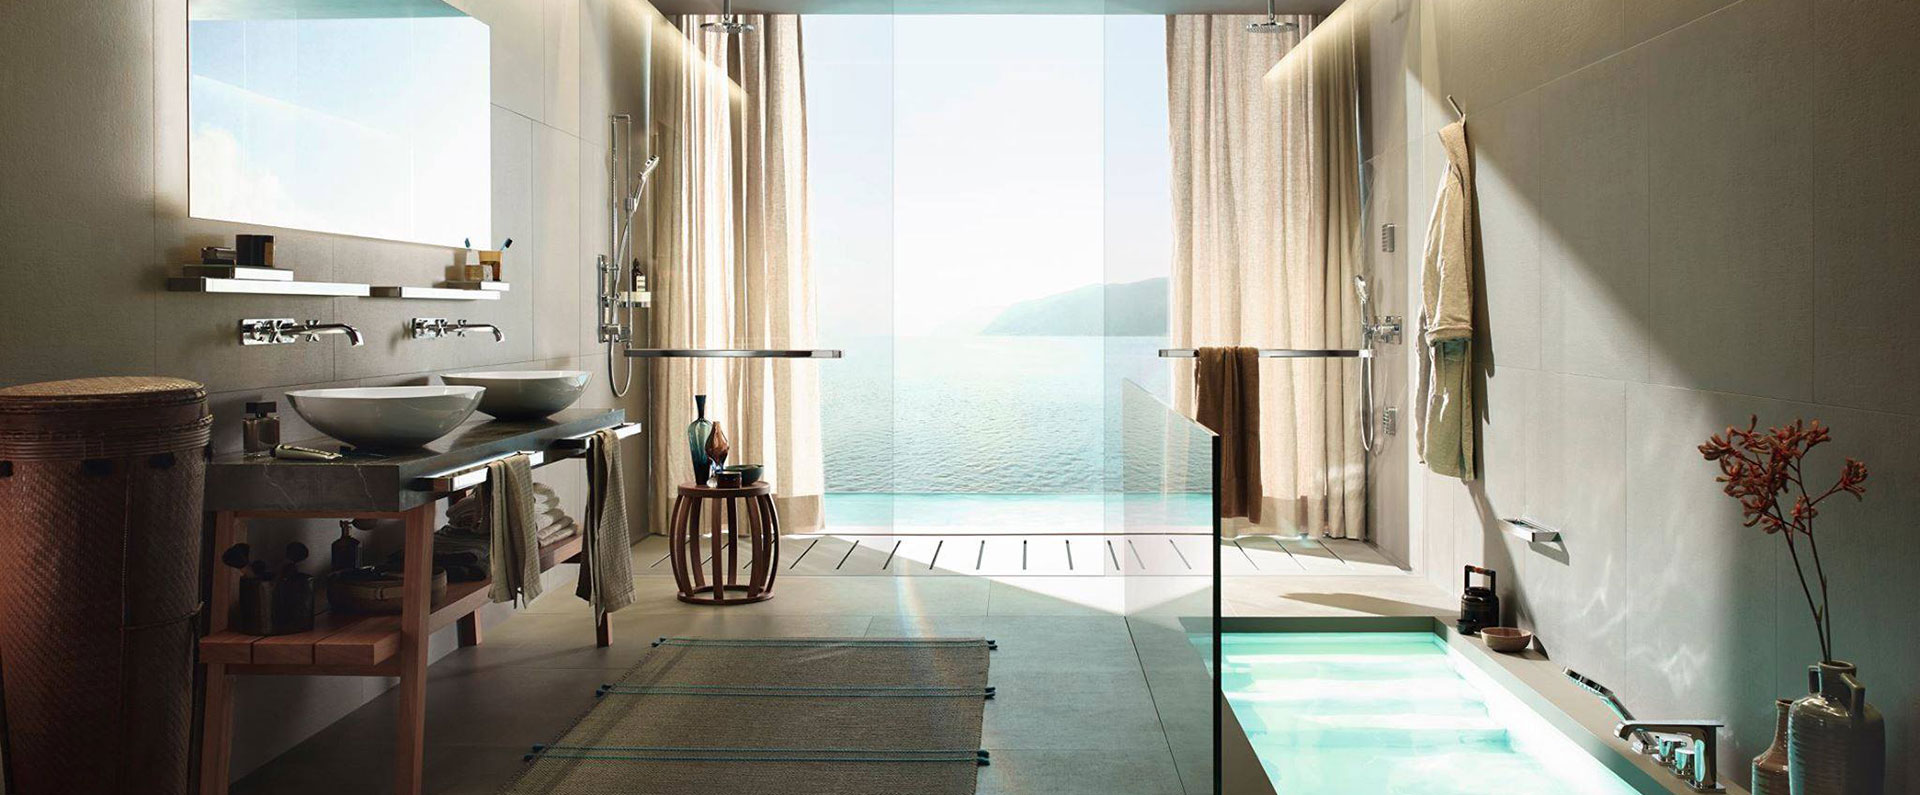 moderne minimalistisk bad